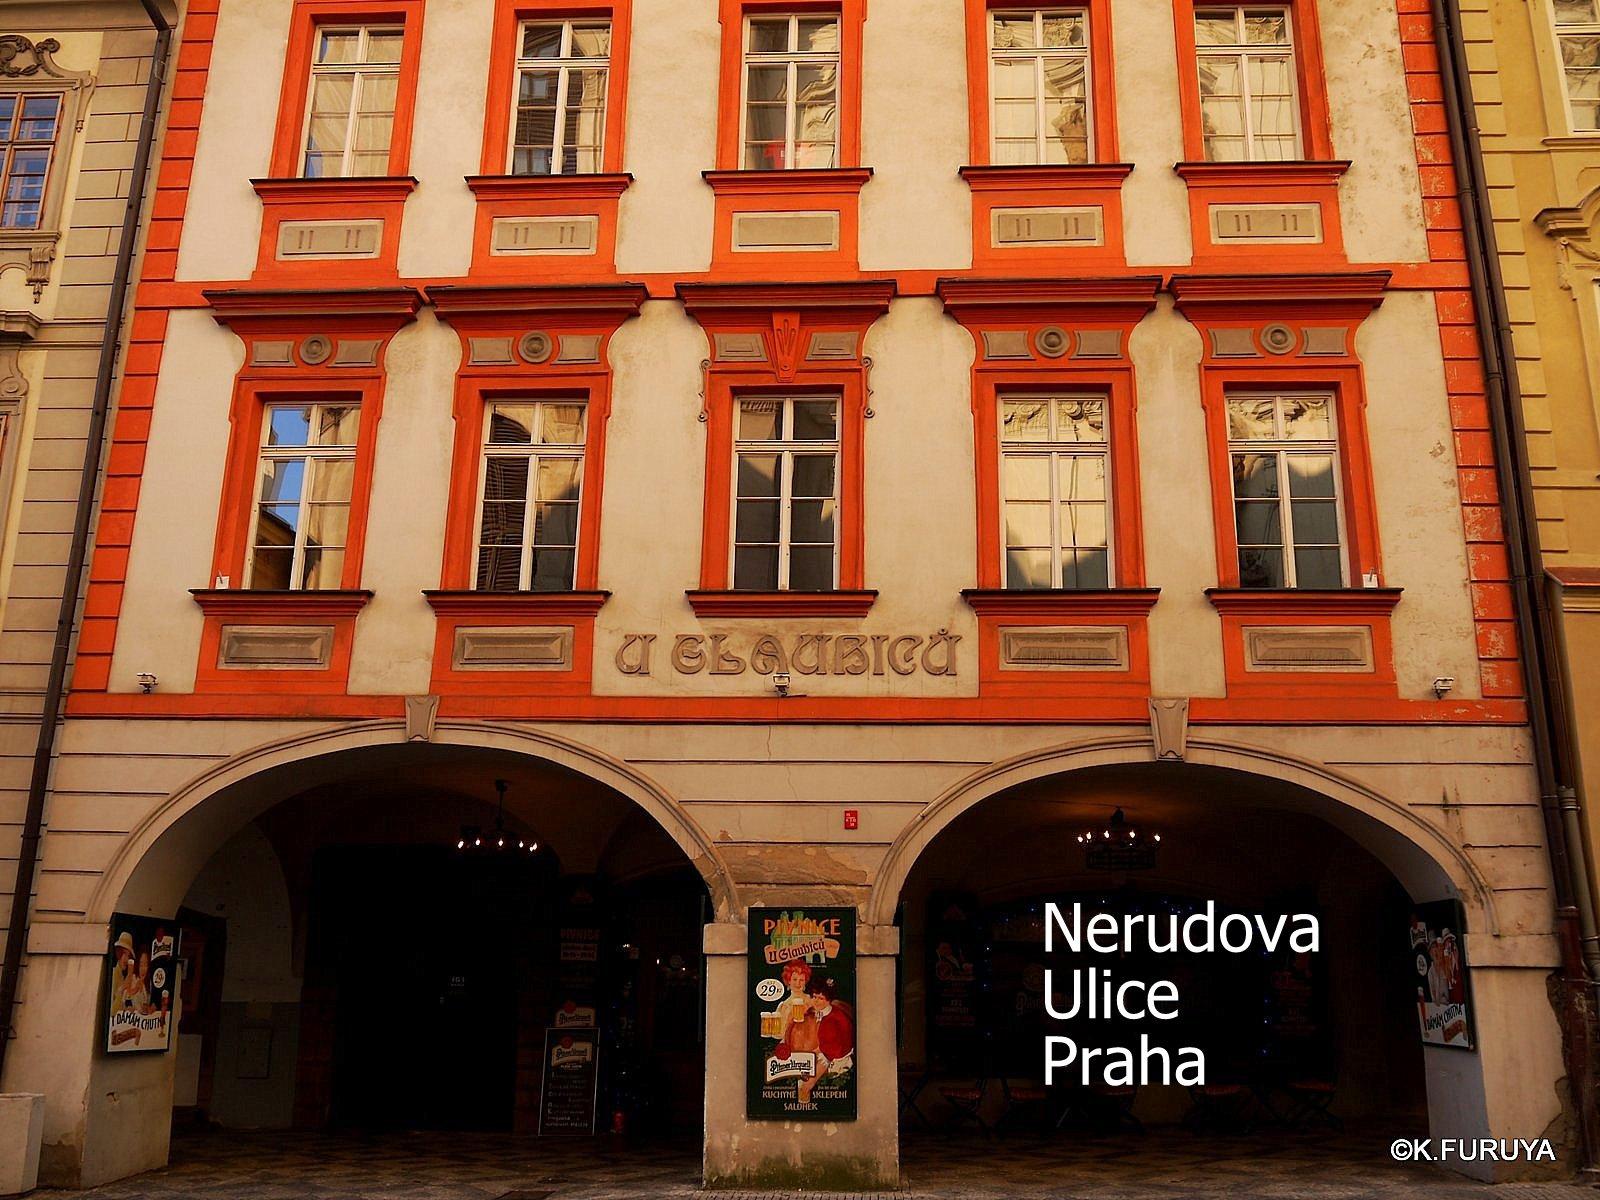 プラハ 12 街歩きいろいろ♪_a0092659_21395117.jpg